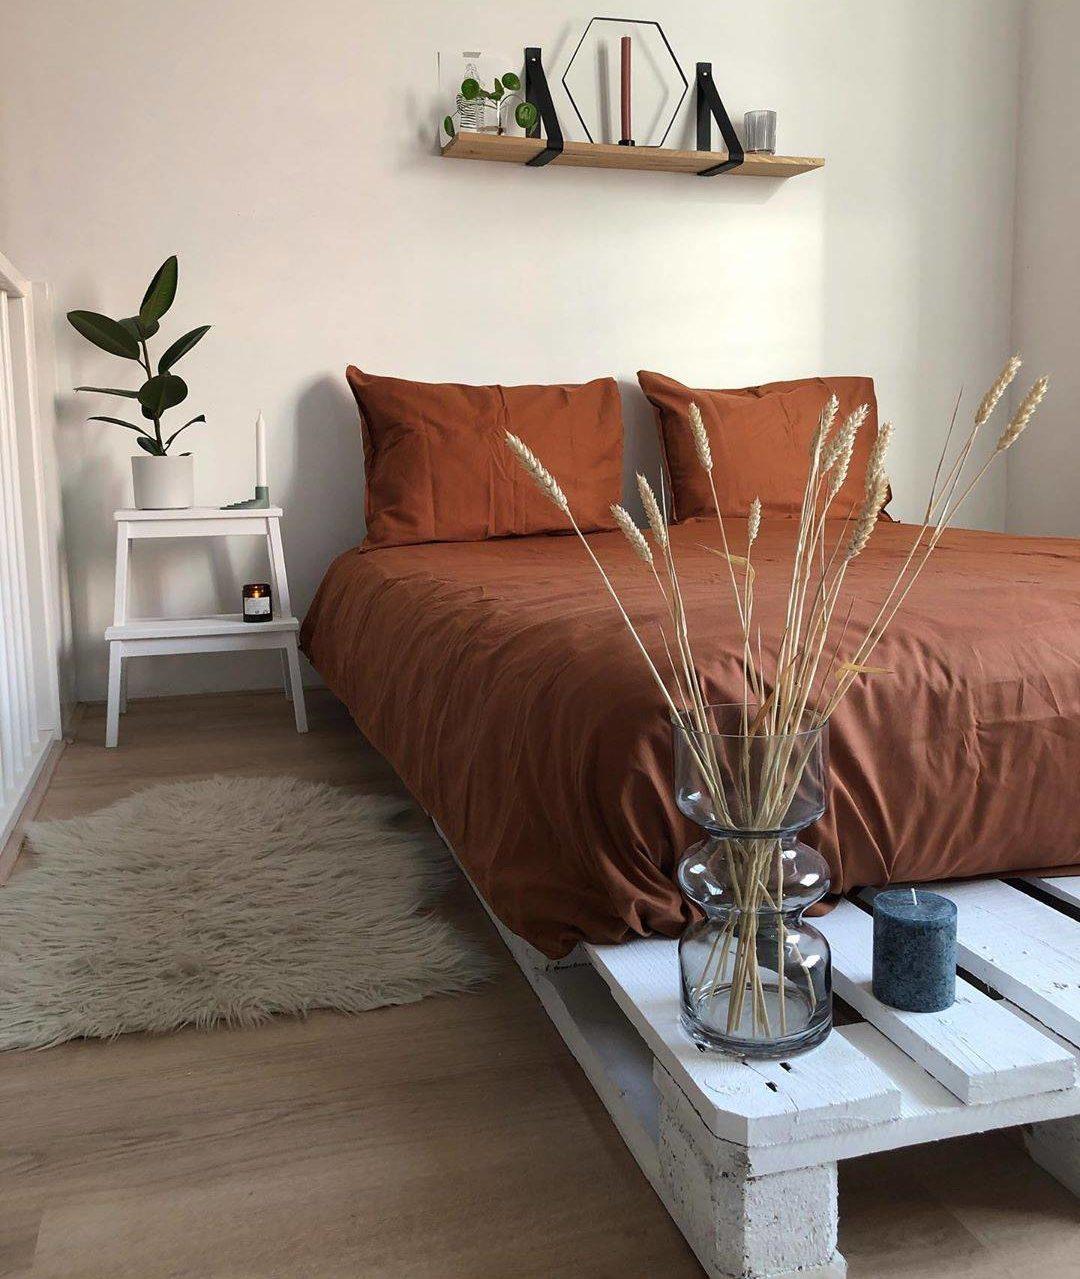 Một chiếc giường nền bằng ván pallet quét vôi trắng và bộ khăn trải giường tông màu đất nung hoàn thiện căn phòng tối giản tuyệt đẹp này